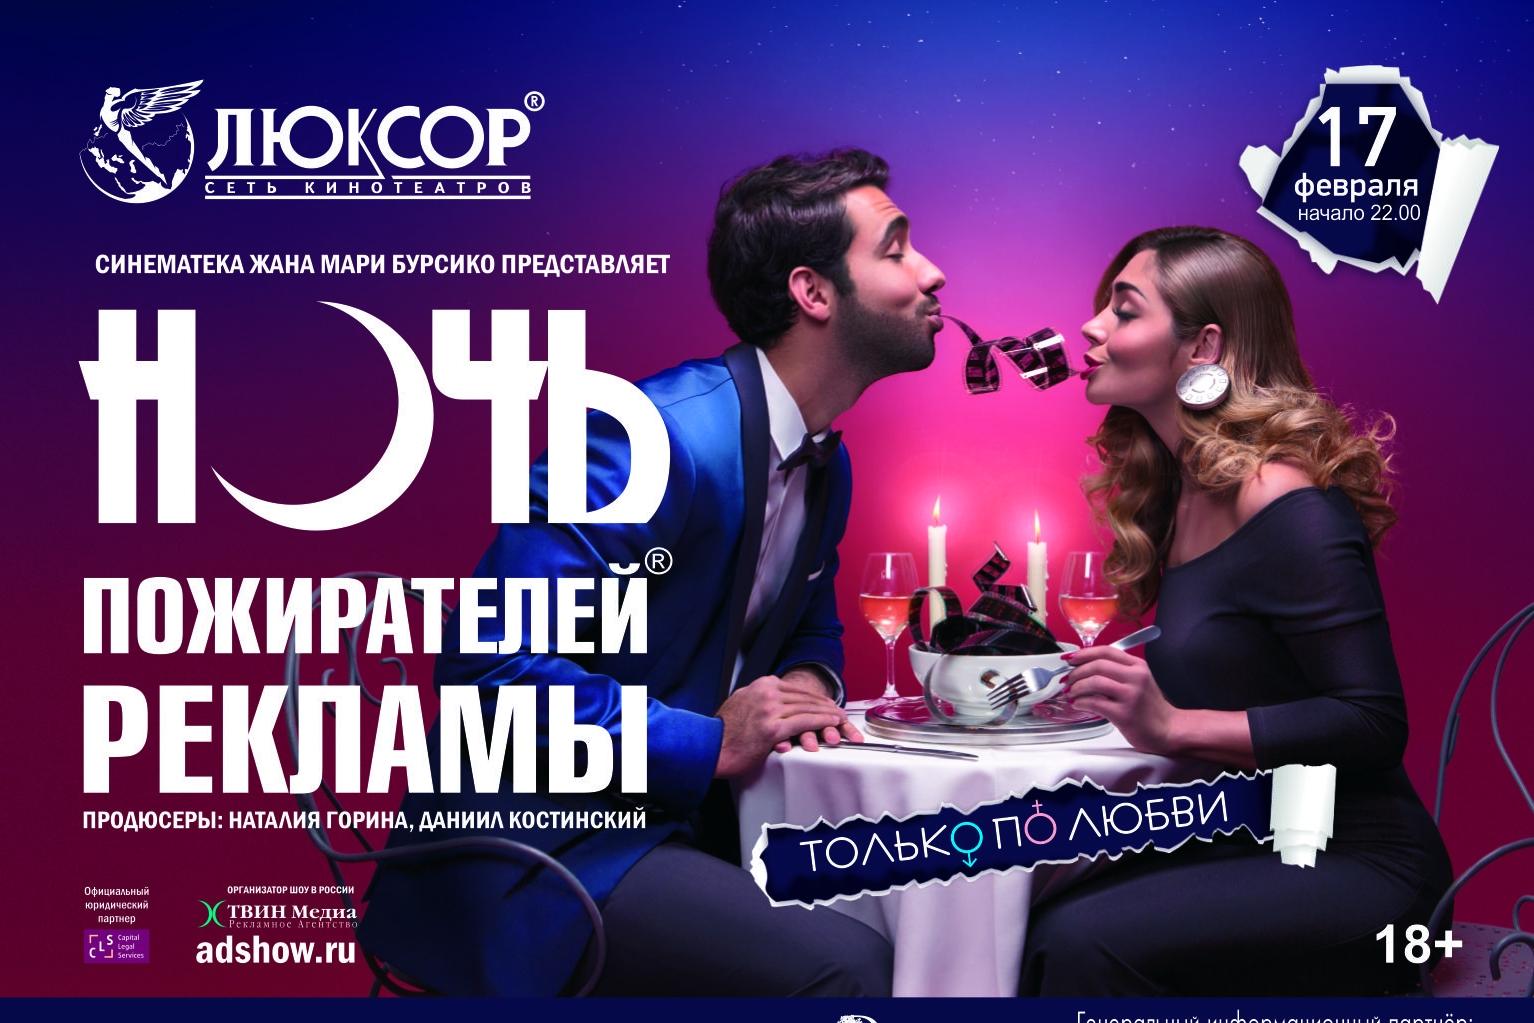 «Ночь пожирателей рекламы» пройдет в Новосибирске